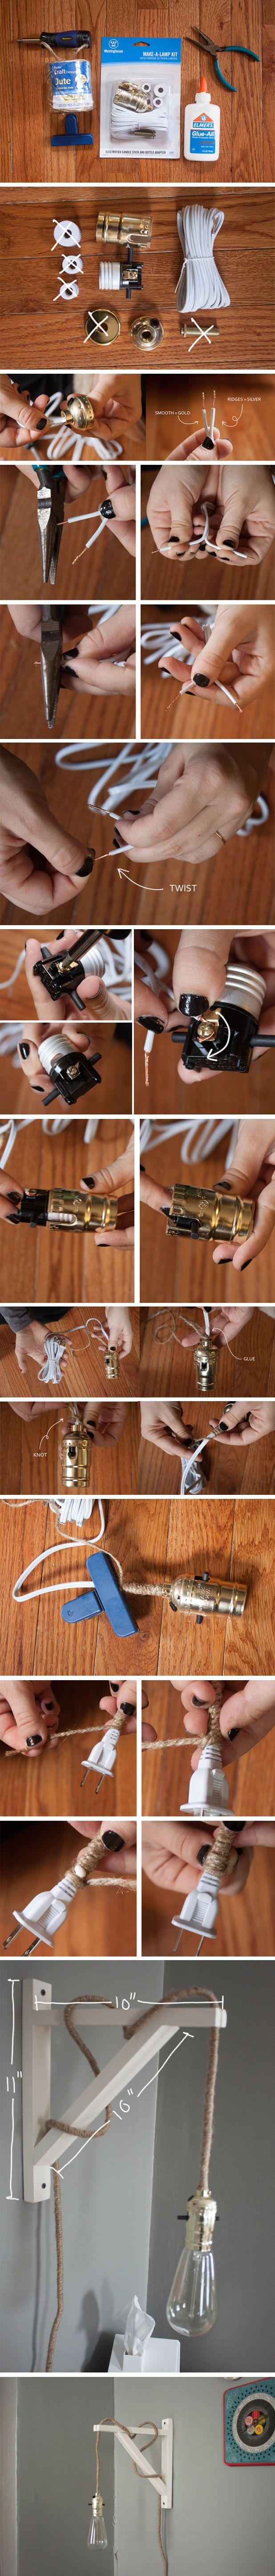 Lámpara DIY de aspecto industrial